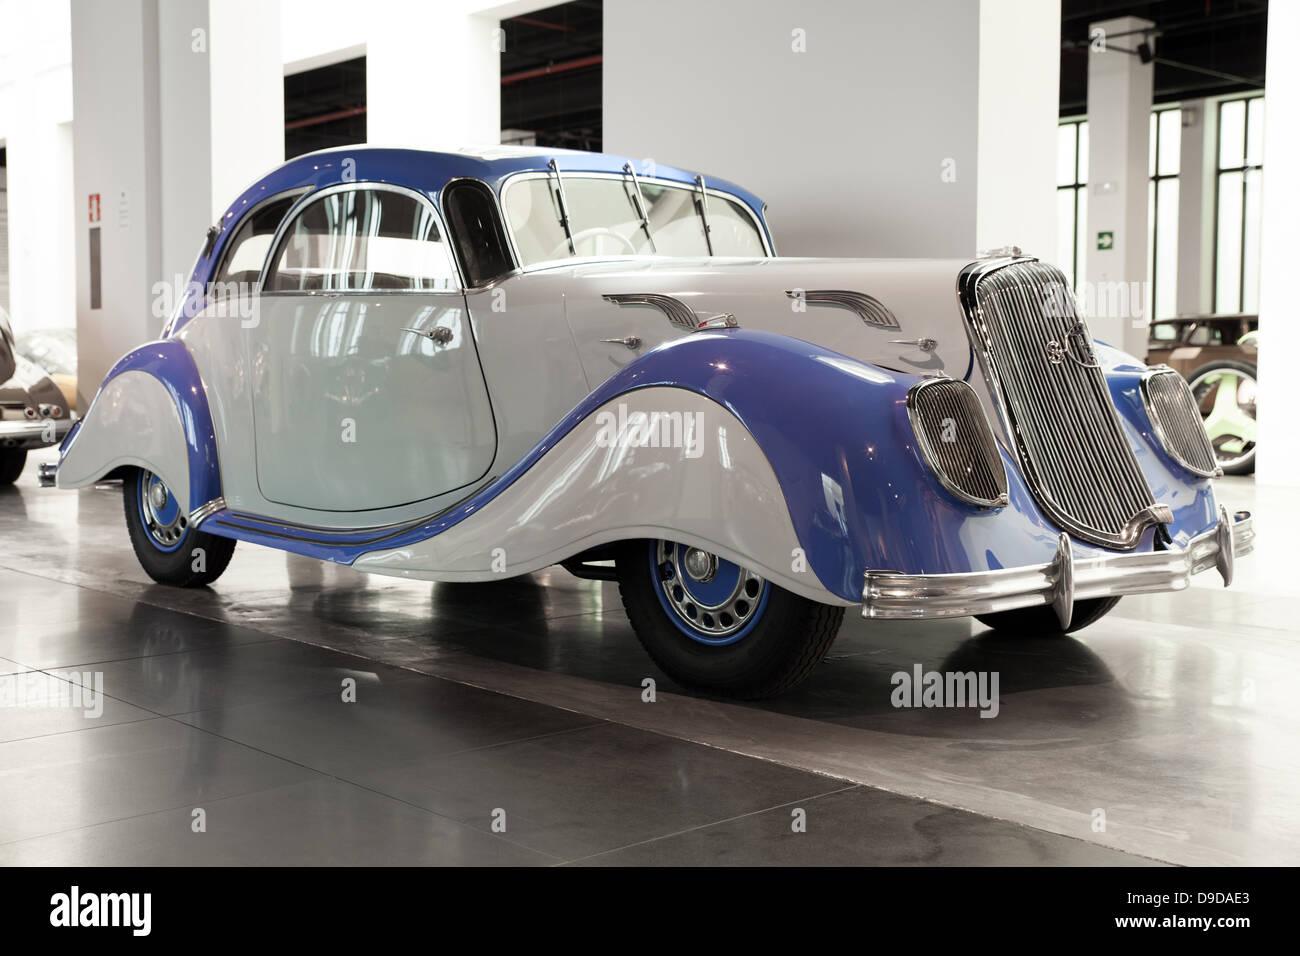 Malaga car museum: Panhard et Levassor classical car model Coupe. Panhard et Levassor was a French car manufacturer - Stock Image